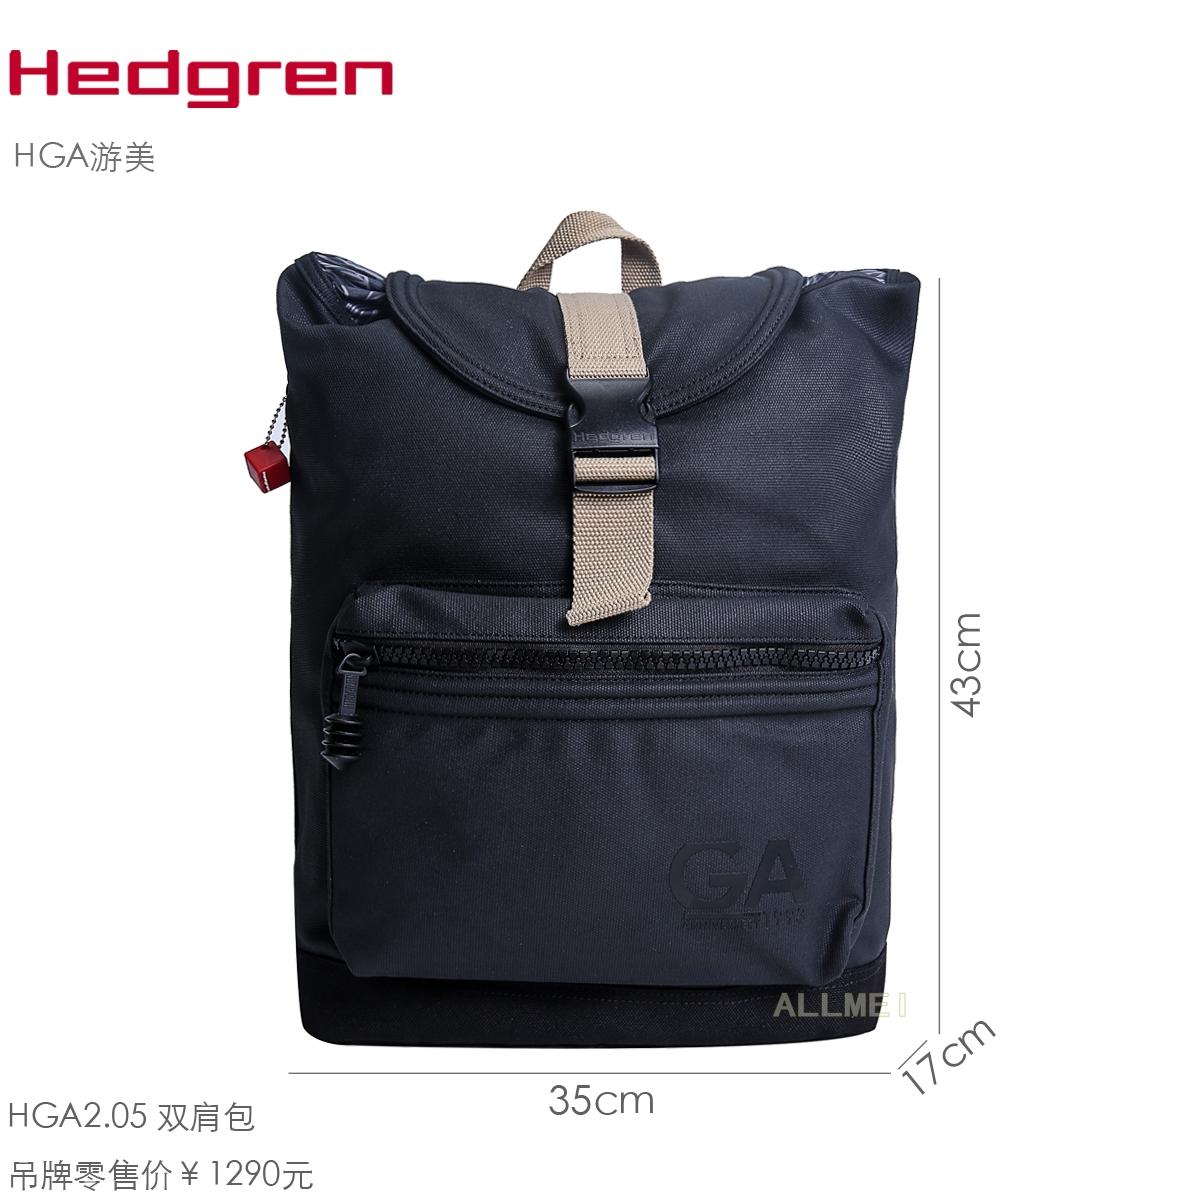 国内代购▲Hedgren海格林HGA2.05休闲运动旅行双肩包背包正品